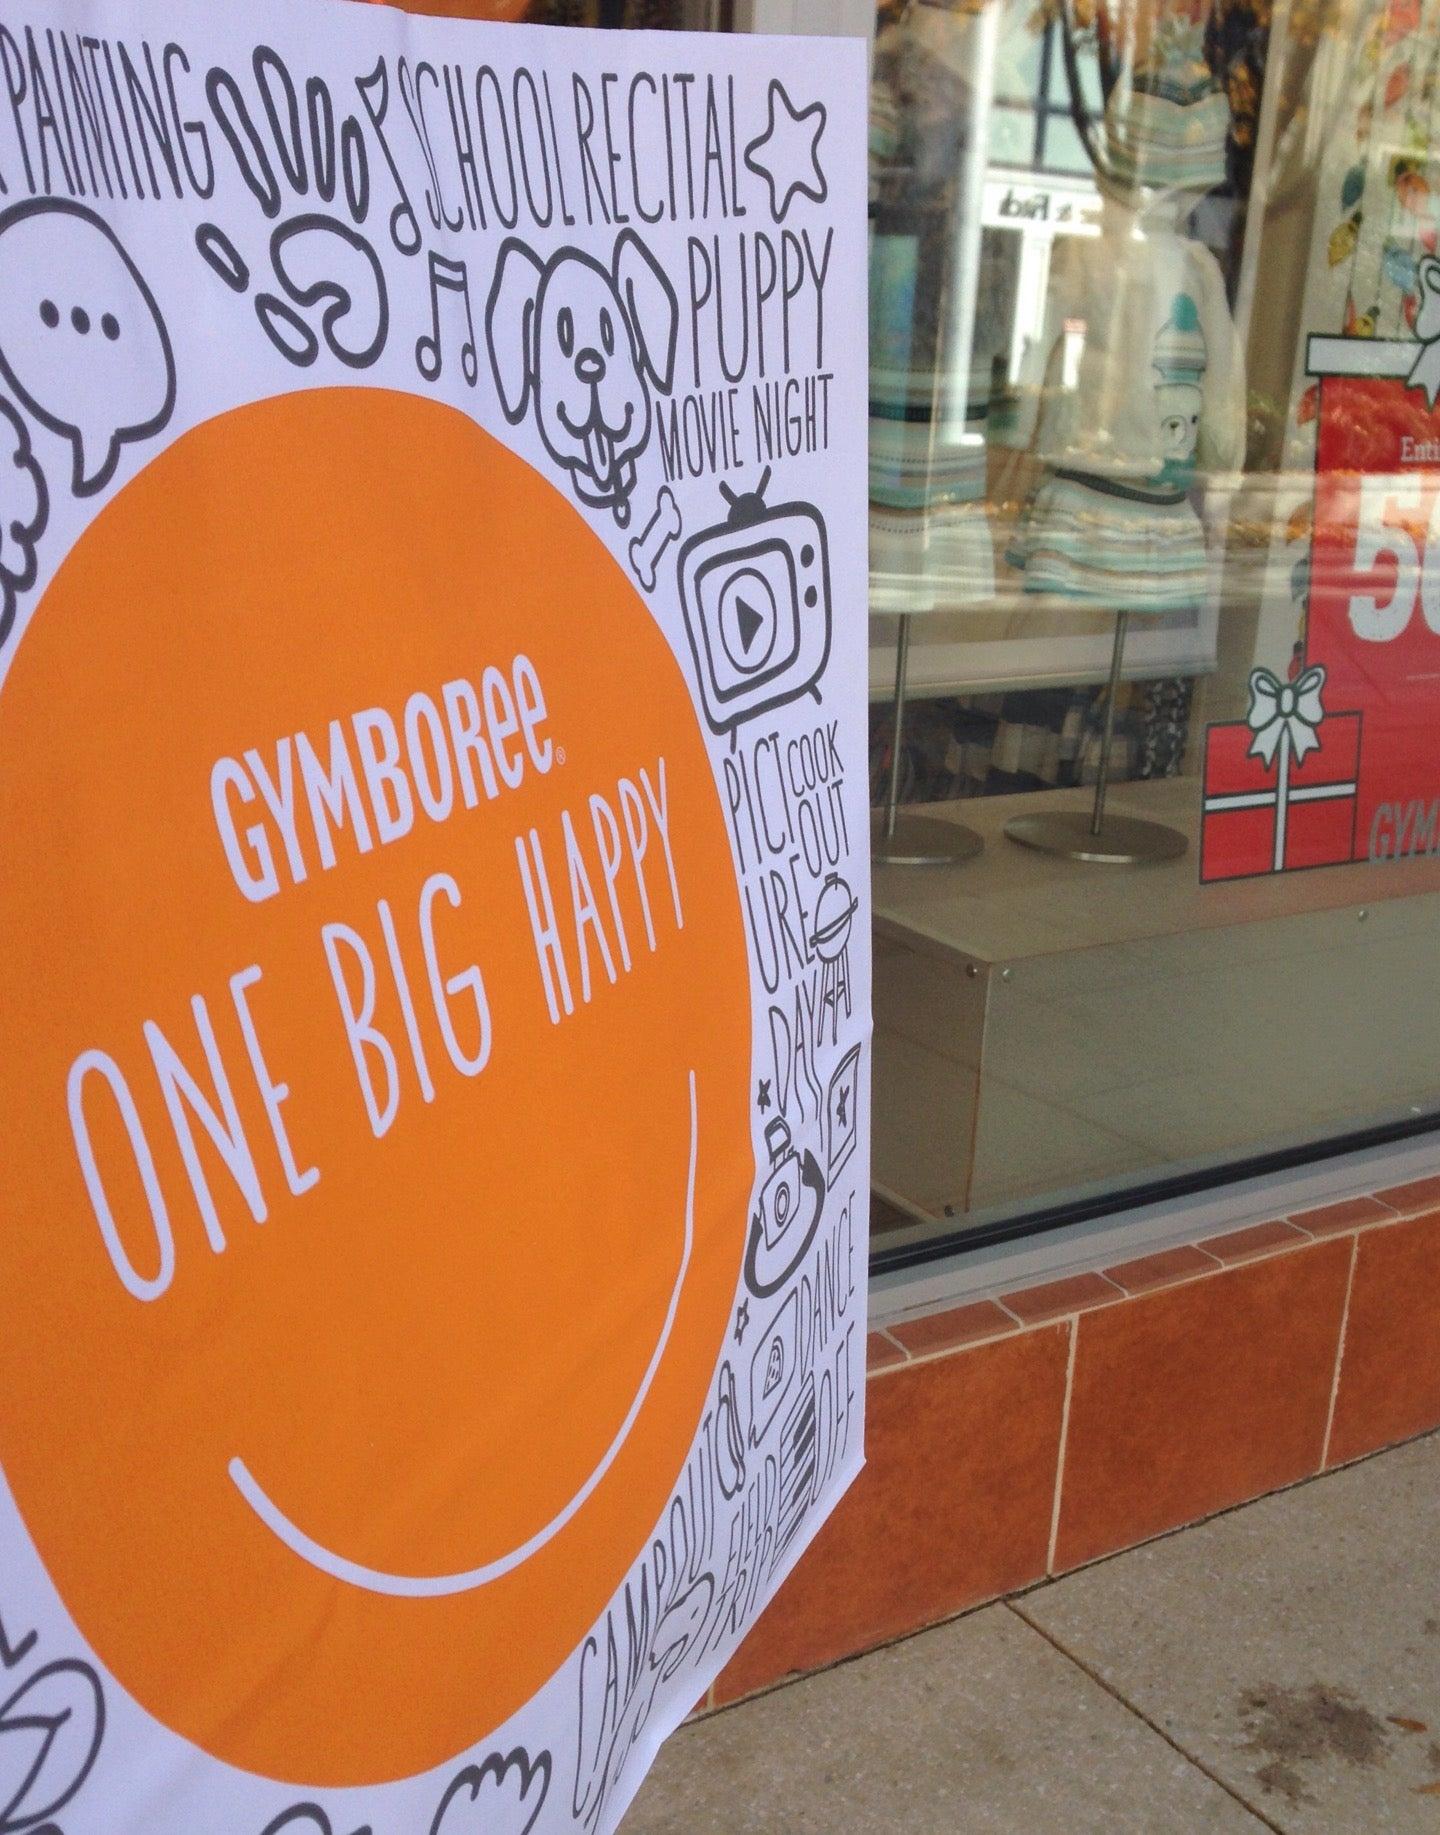 Gymboree in Palo Alto - Parent Reviews on Winnie